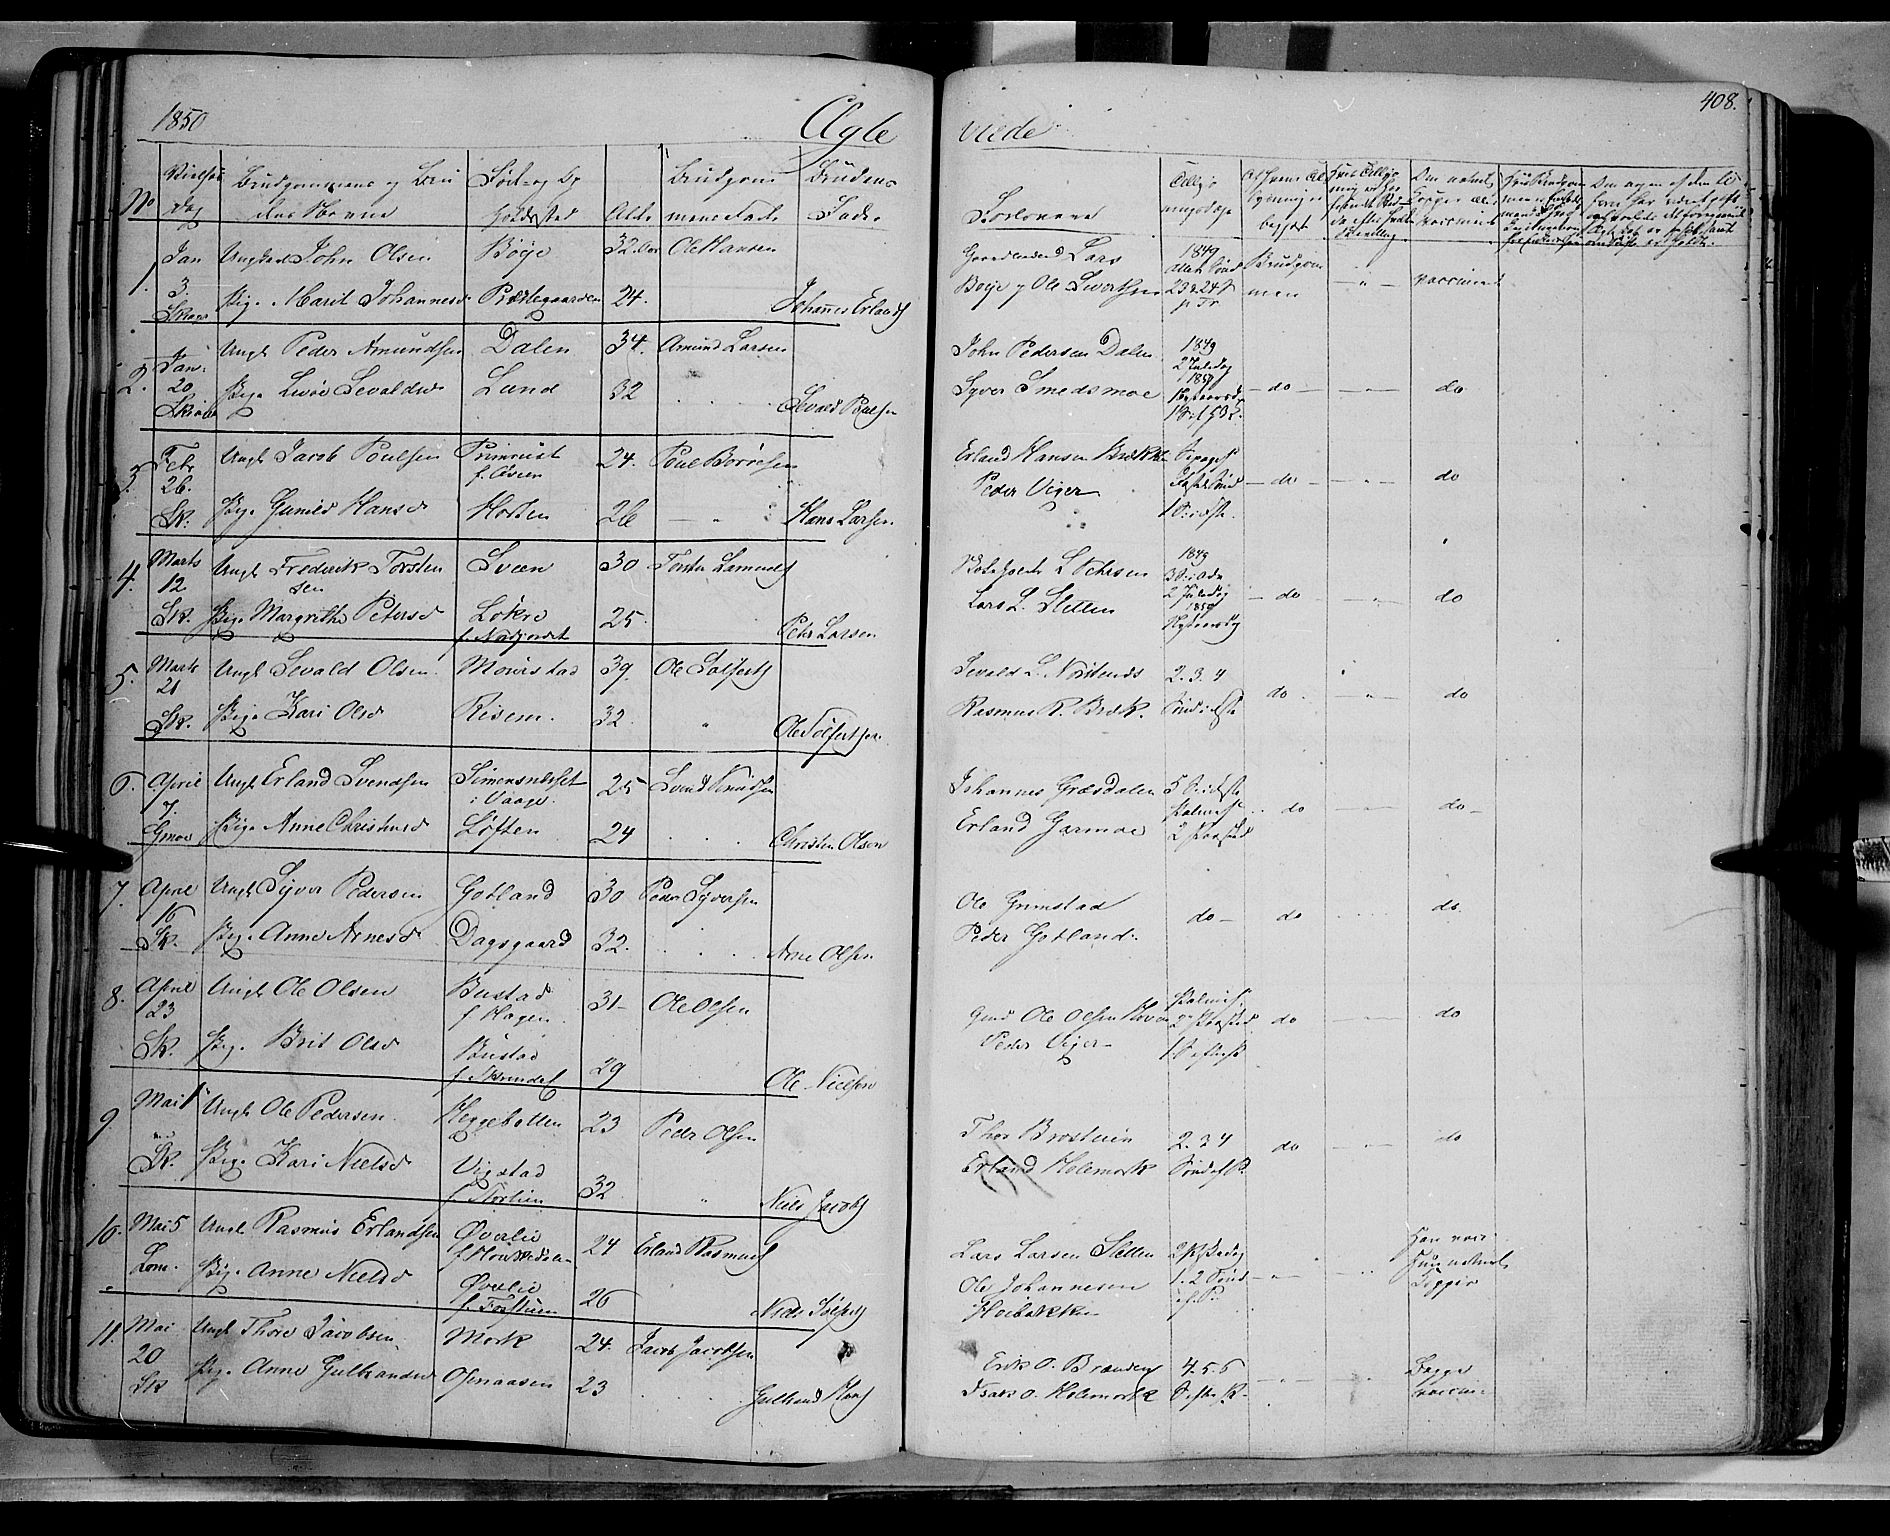 SAH, Lom prestekontor, K/L0006: Ministerialbok nr. 6B, 1837-1863, s. 408